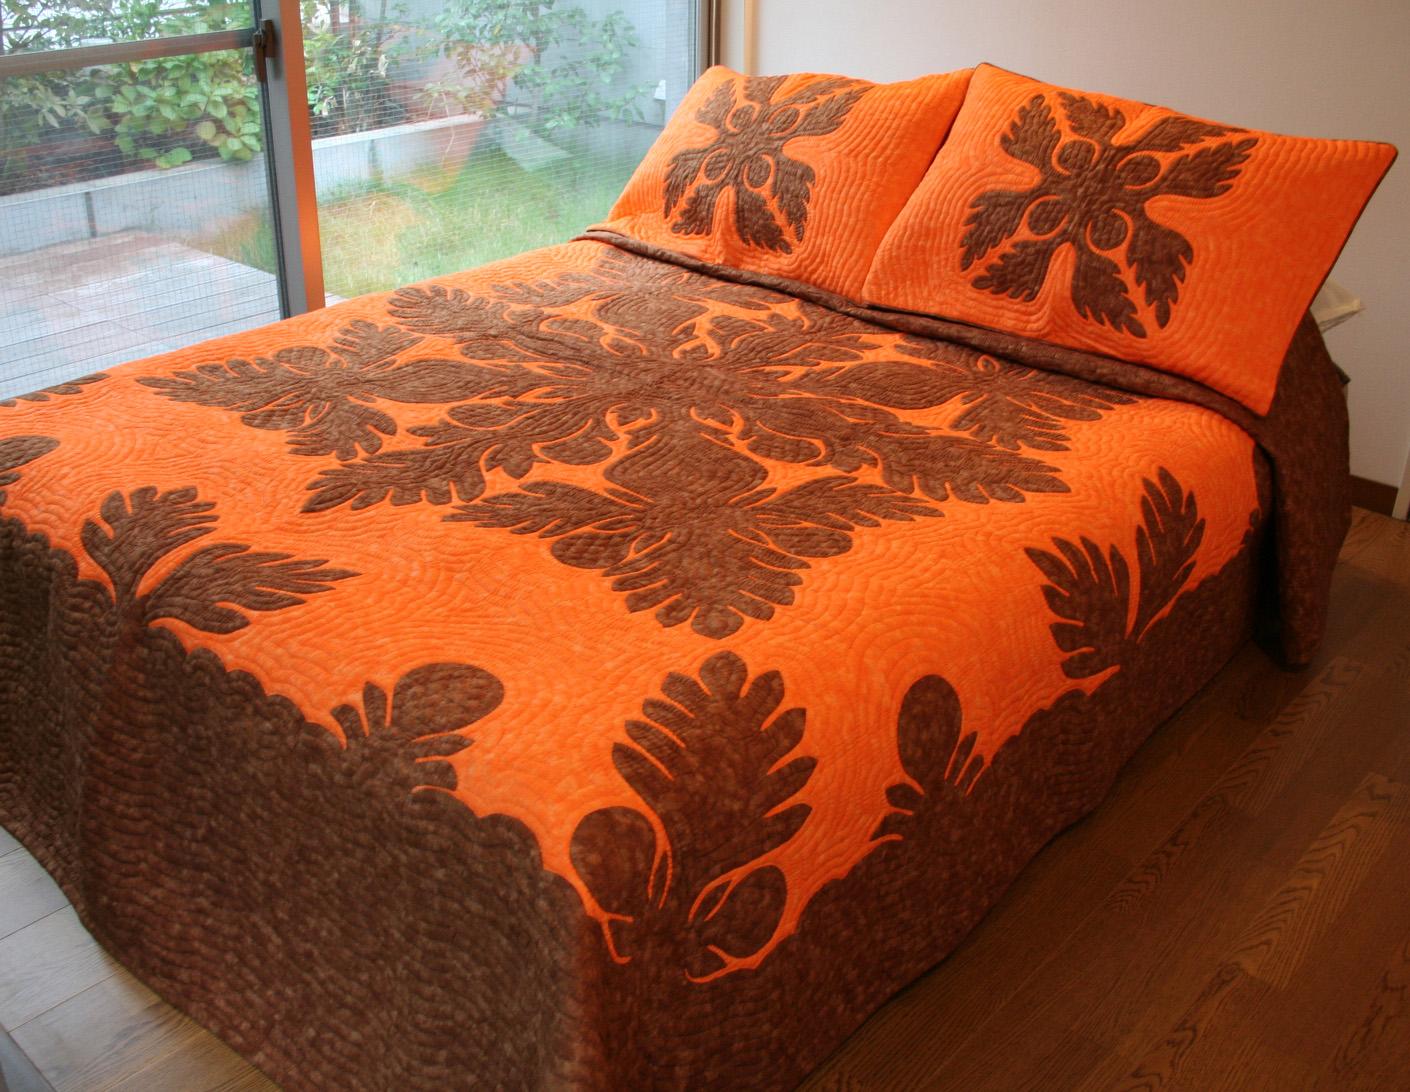 ハワイアンキルト、ベッドカバー、むら染め、ブレッドフルーツ、オレンジ、ブラウン、全体